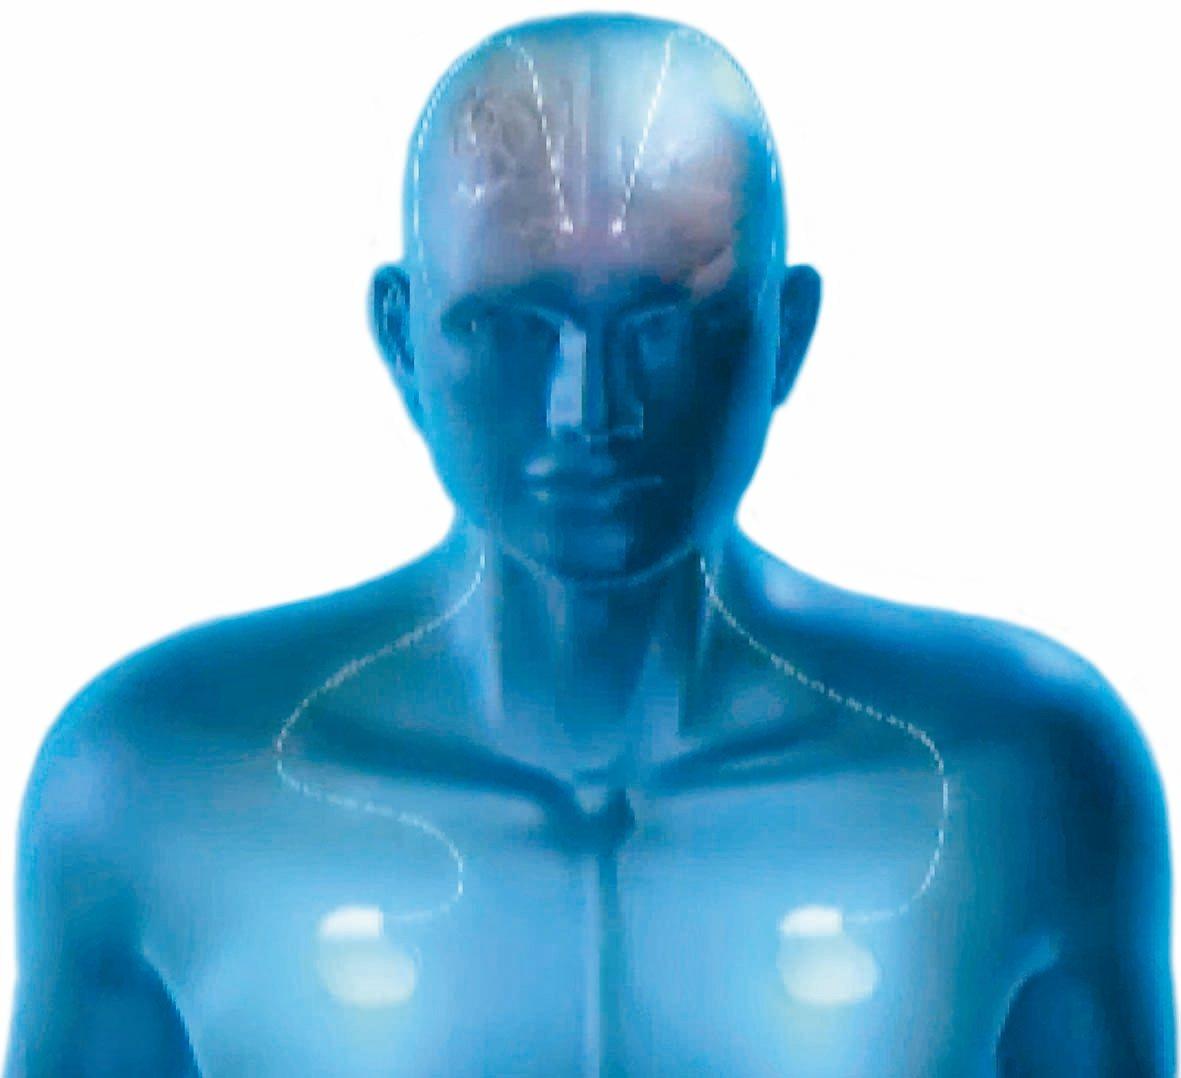 植入腦部的電極晶片,以電線連接植入前胸皮下組織的刺激器,可刺激不同位置,改善不同...